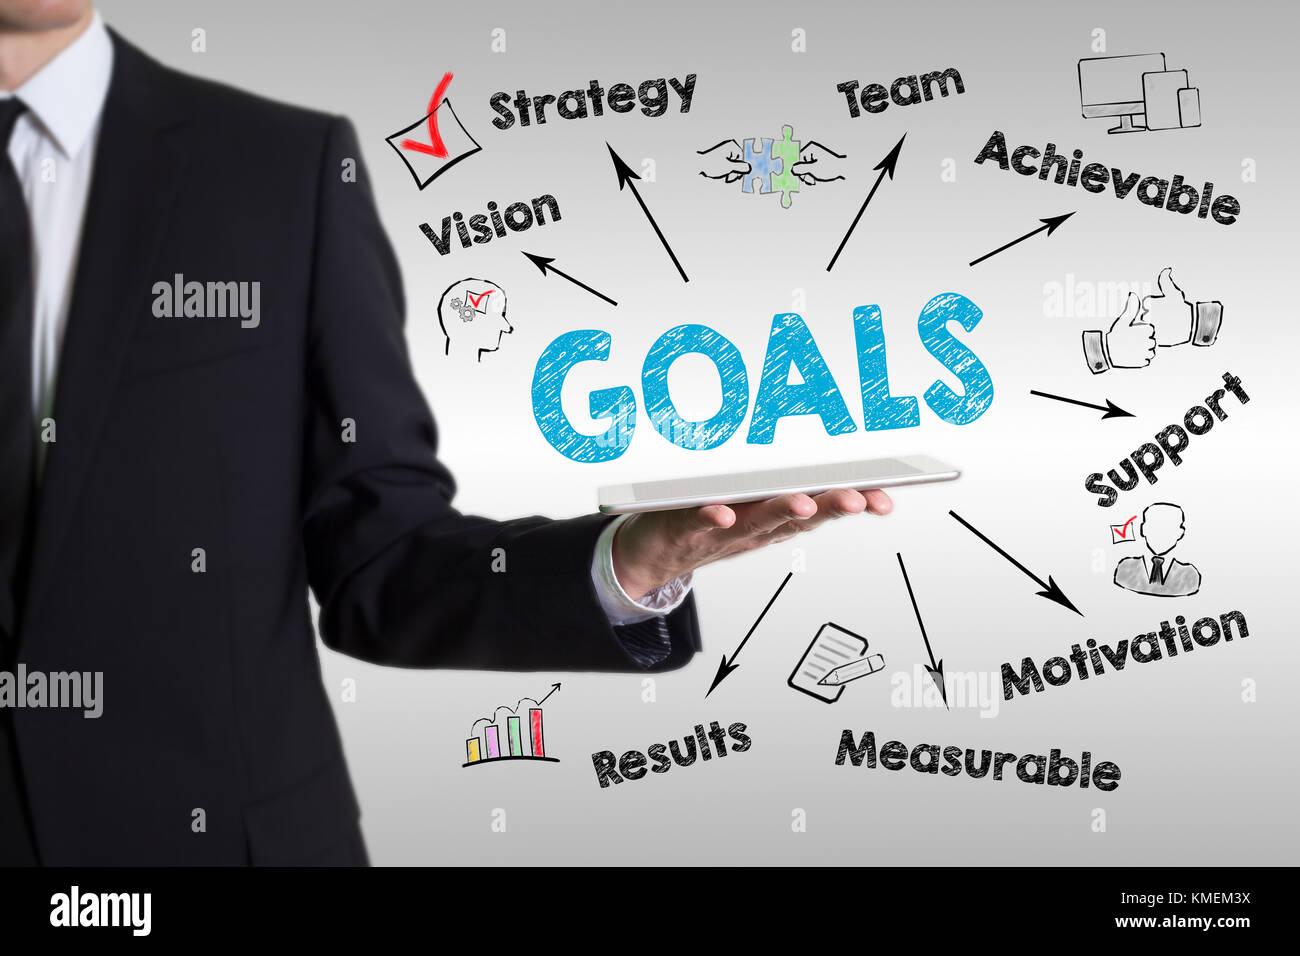 Il concetto di obiettivi. Grafico con le parole chiave e le icone. Uomo con un computer tablet Immagini Stock